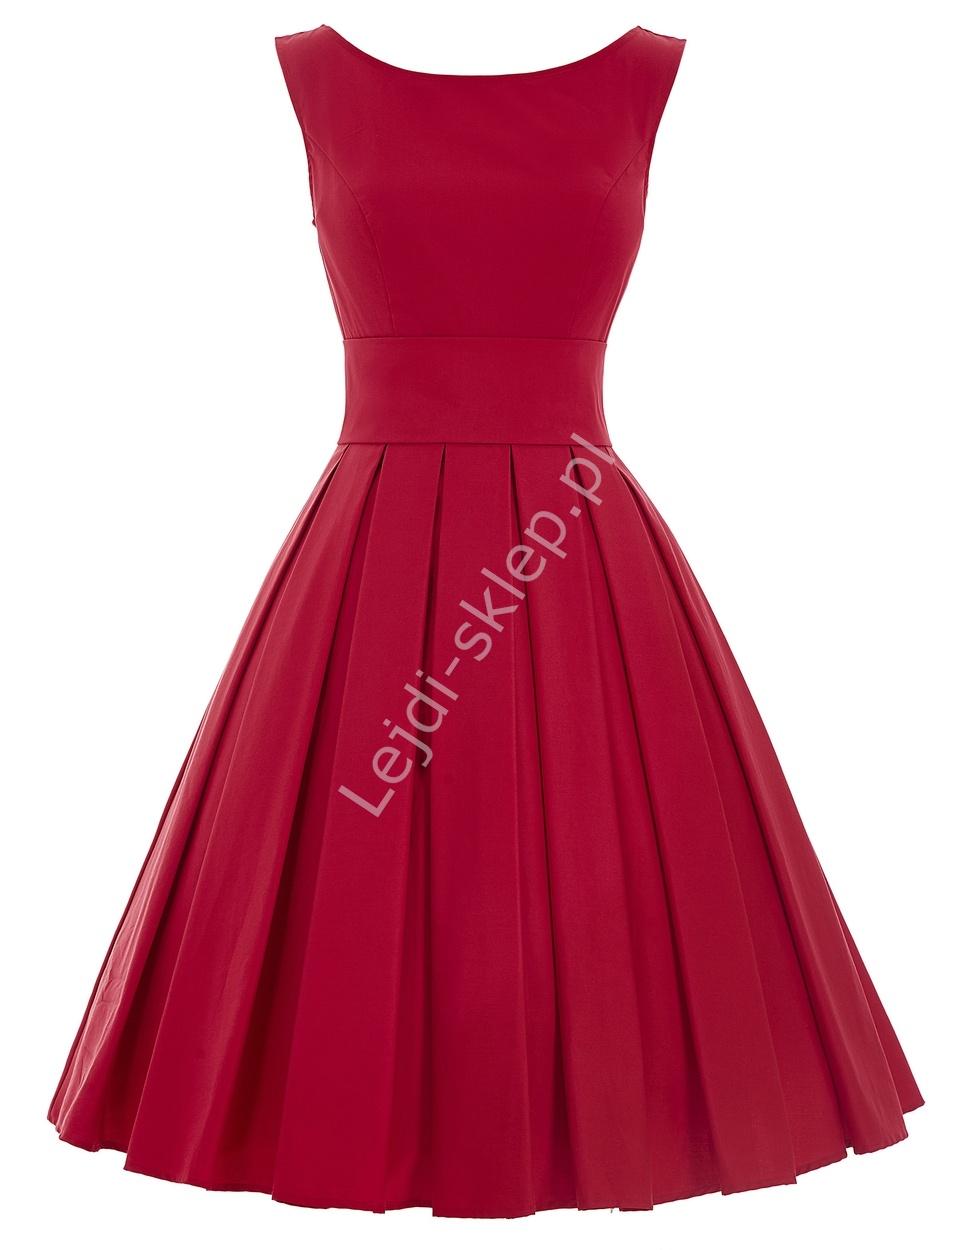 Czerwona wizytowa sukienka z plisowanym dołem | czerwone sukienki, sukienka na wesele, studniówkę, komunie - Lejdi